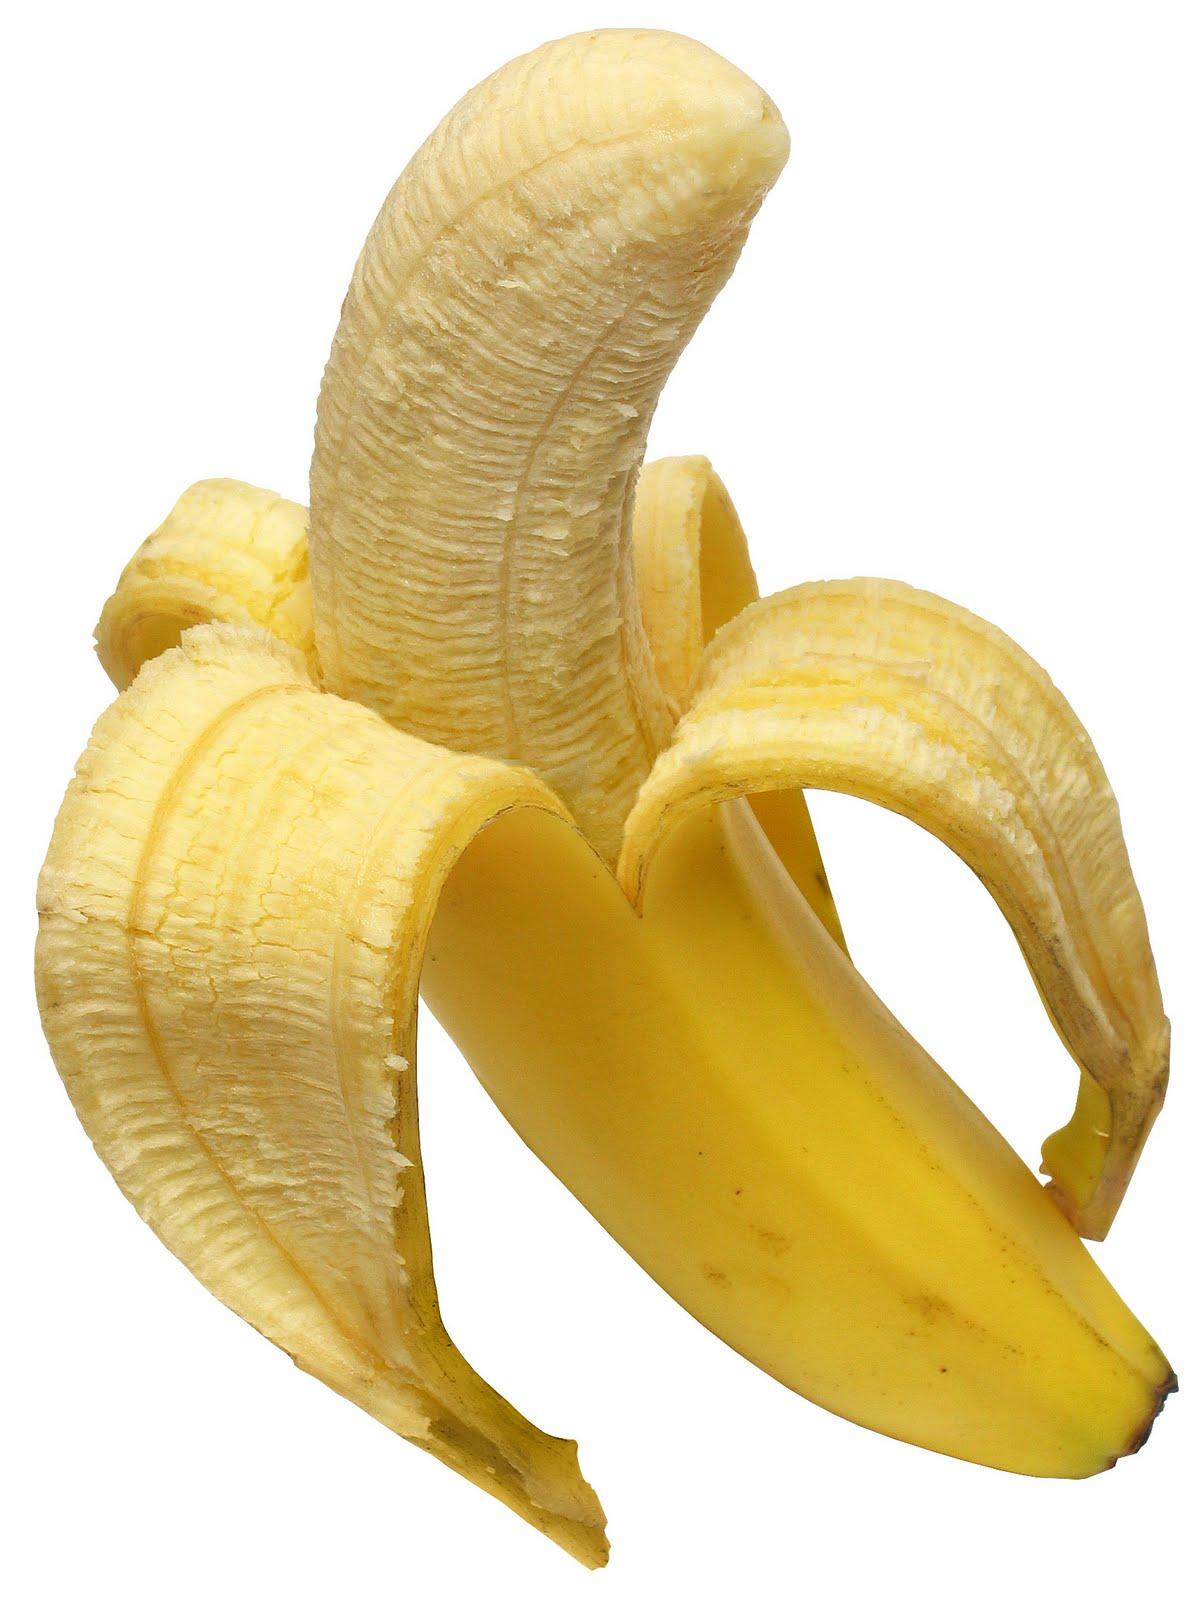 Pianta Di Banana Foto life in technicolor: la banana, un frutto da apprezzare